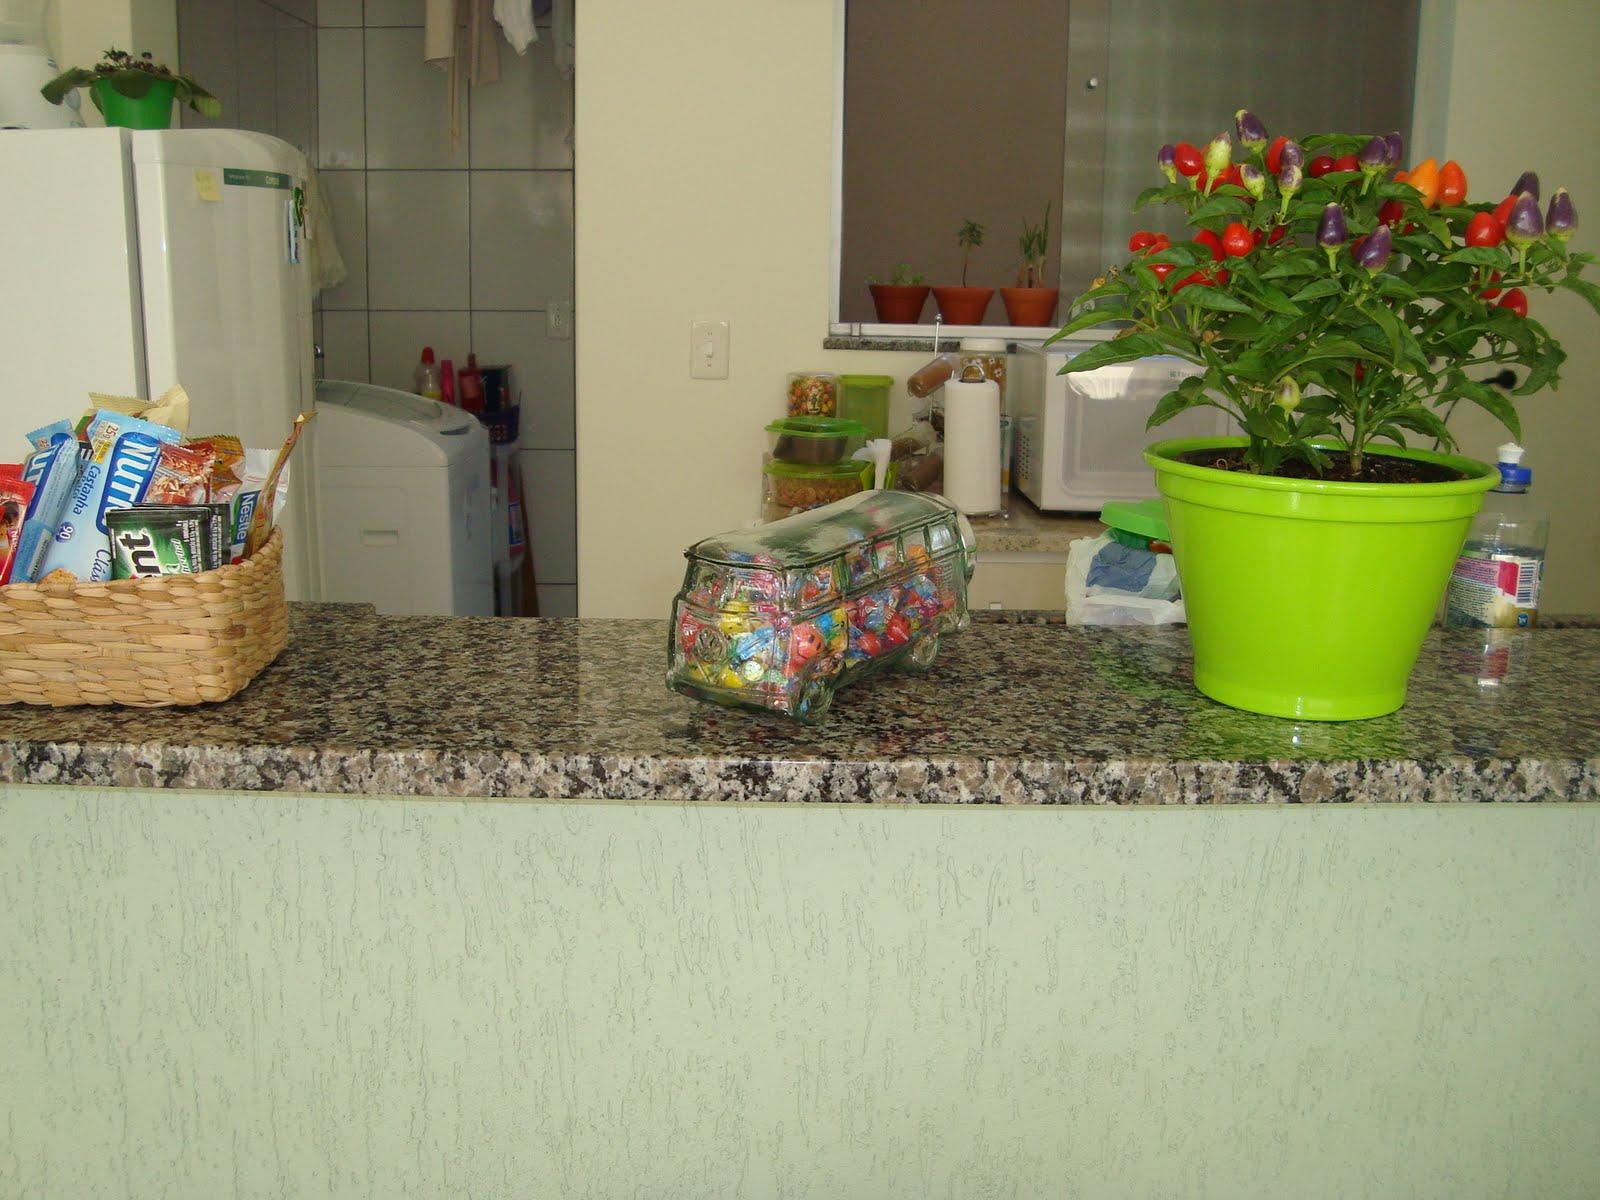 Depois: o balcao ganhou uma pimenteira um baleiro kombi (amo) e uma  #8EC10A 1600x1200 Banheiro Antigo Antes E Depois